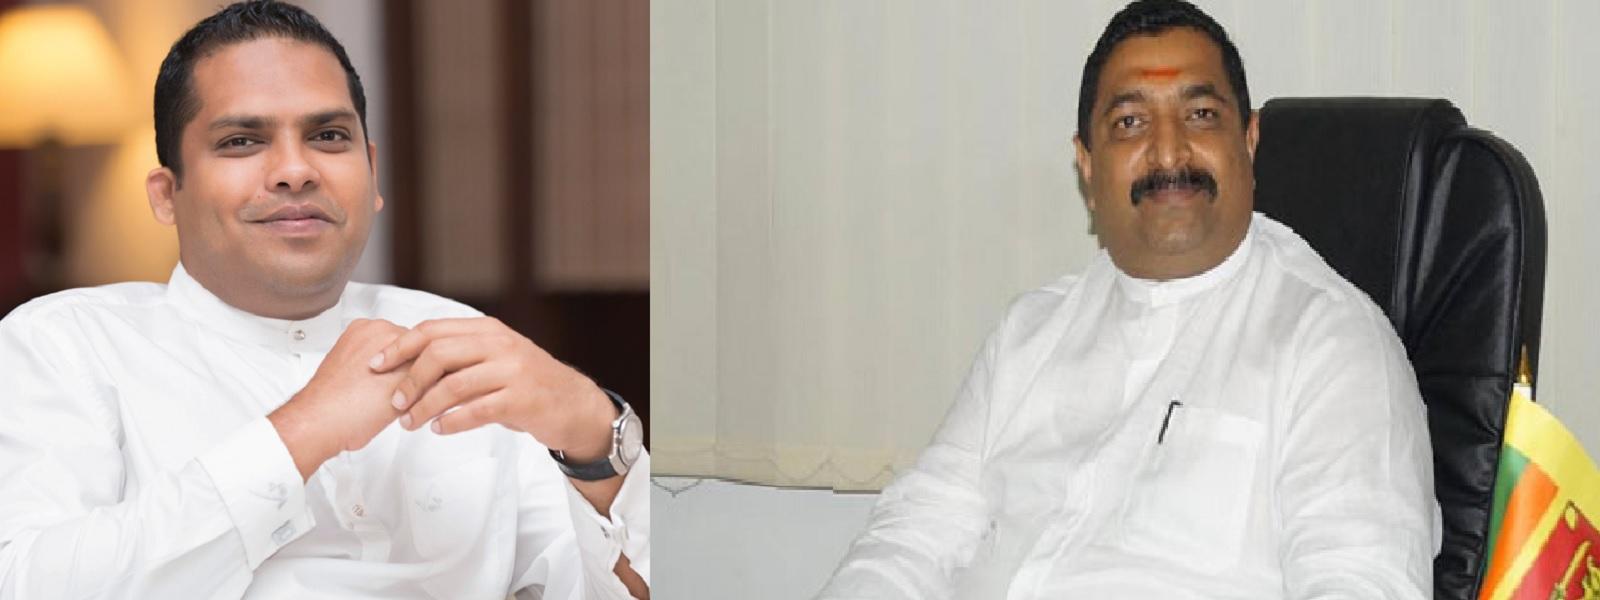 ஹரின் பெர்னாண்டோ, வடிவேல் சுரேஷிற்கு எதிராக பிறப்பிக்கப்பட்ட இடைக்கால தடையுத்தரவு நீடிப்பு